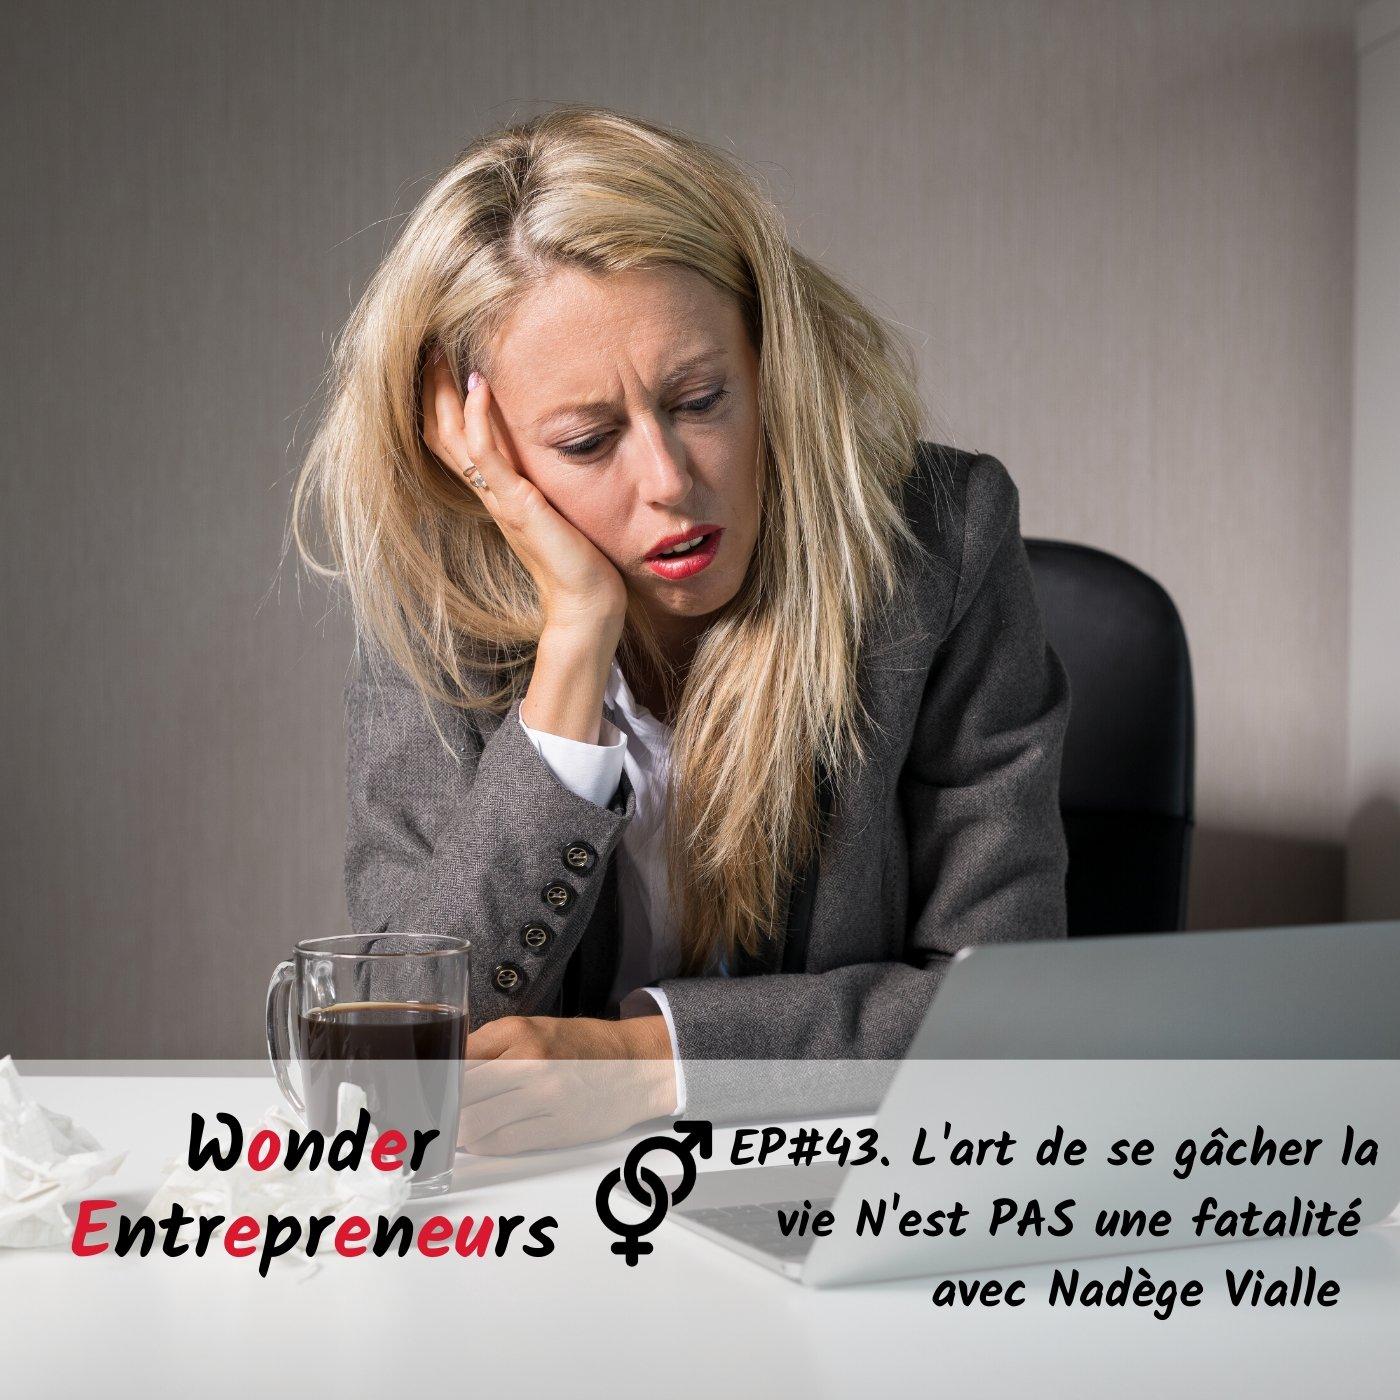 EP 43 l'art de se gâcher la vie n'est pas une fatalité podcast wonder entrepreneurs